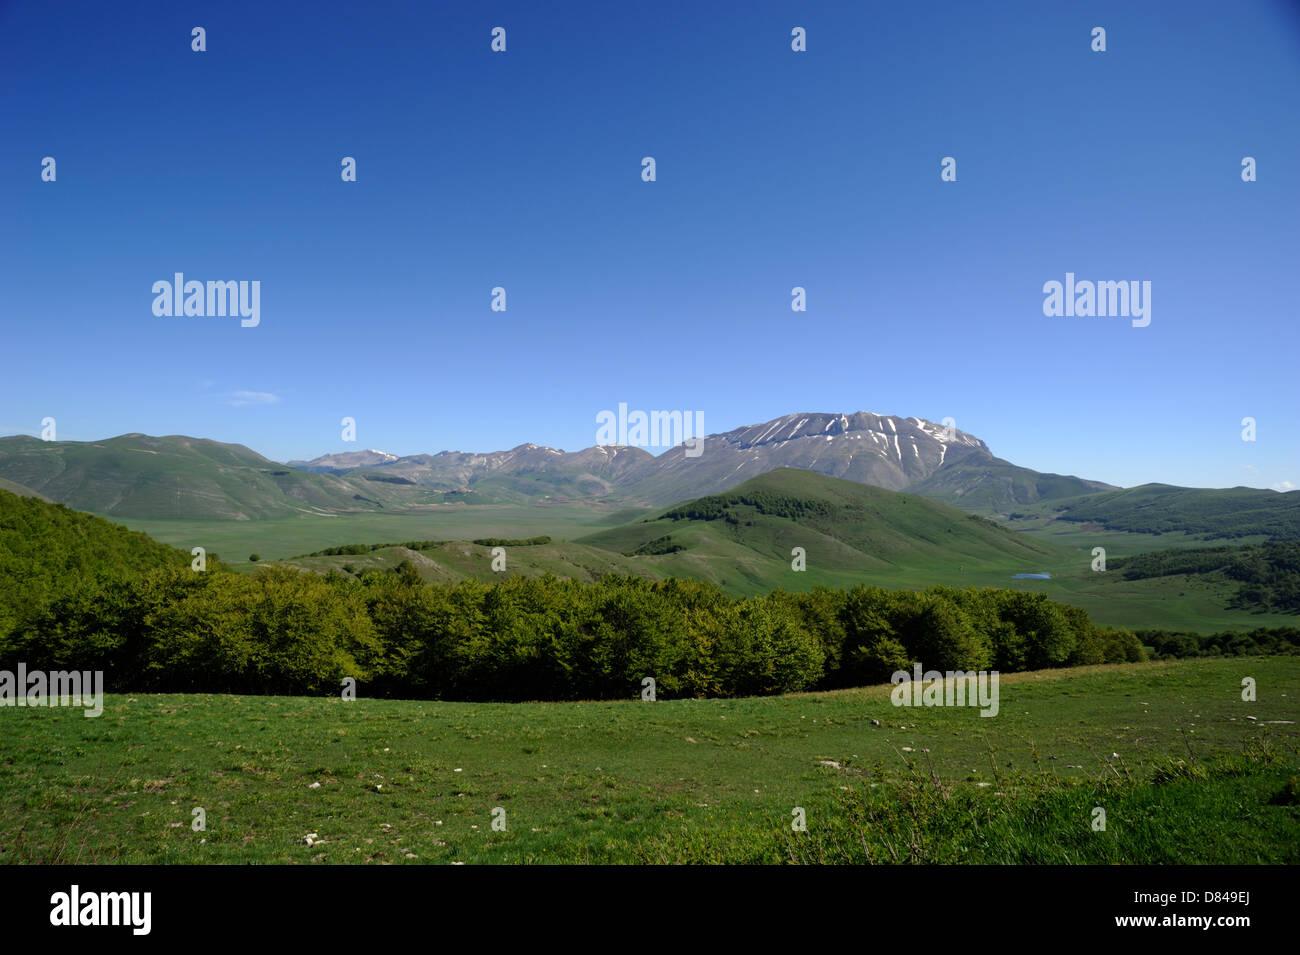 italy, umbria, monti sibillini national park, piano grande and monte vettore - Stock Image